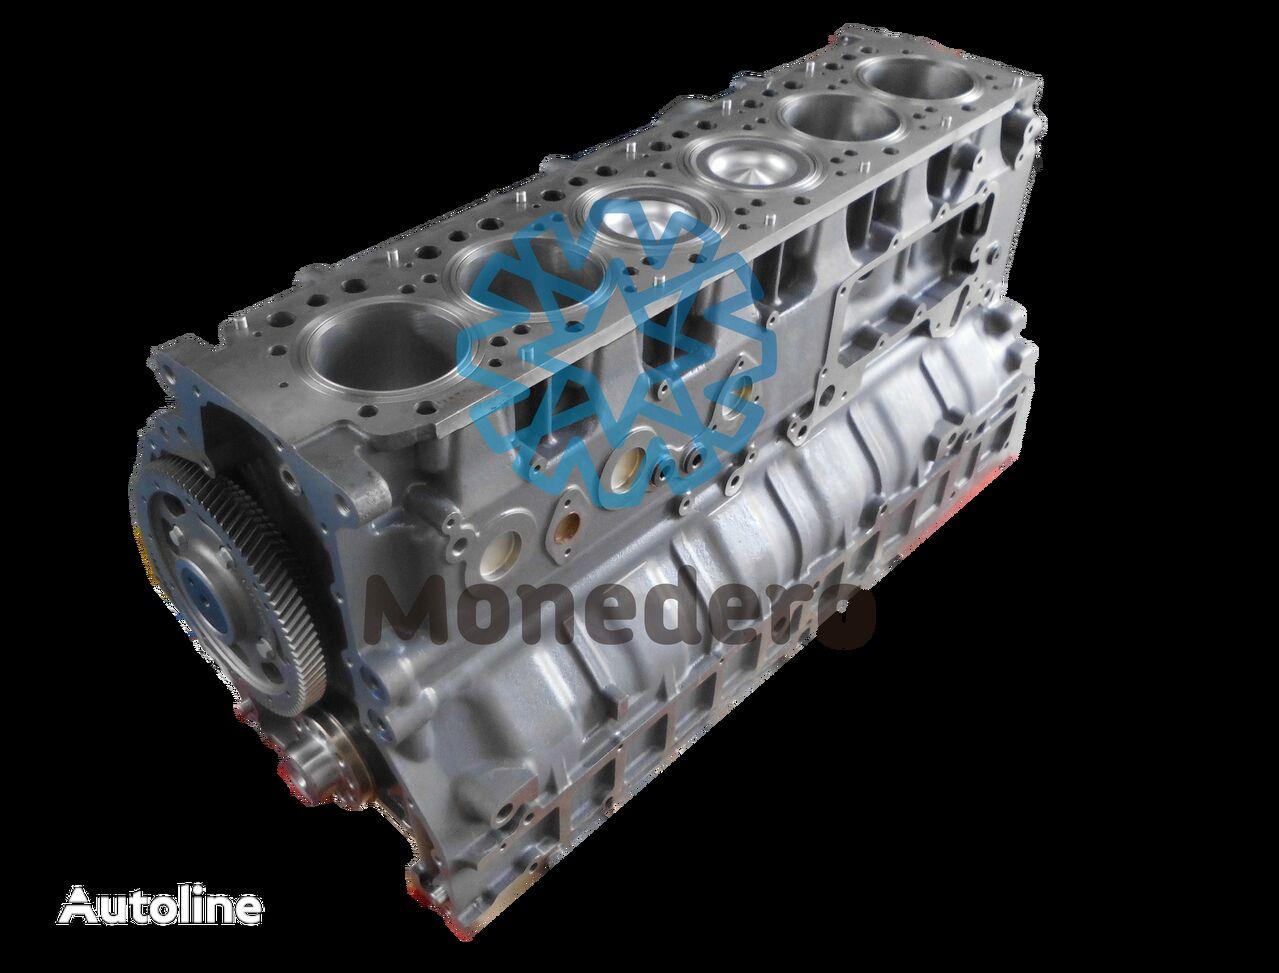 MERCEDES-BENZ bloque motor para MERCEDES-BENZ camión